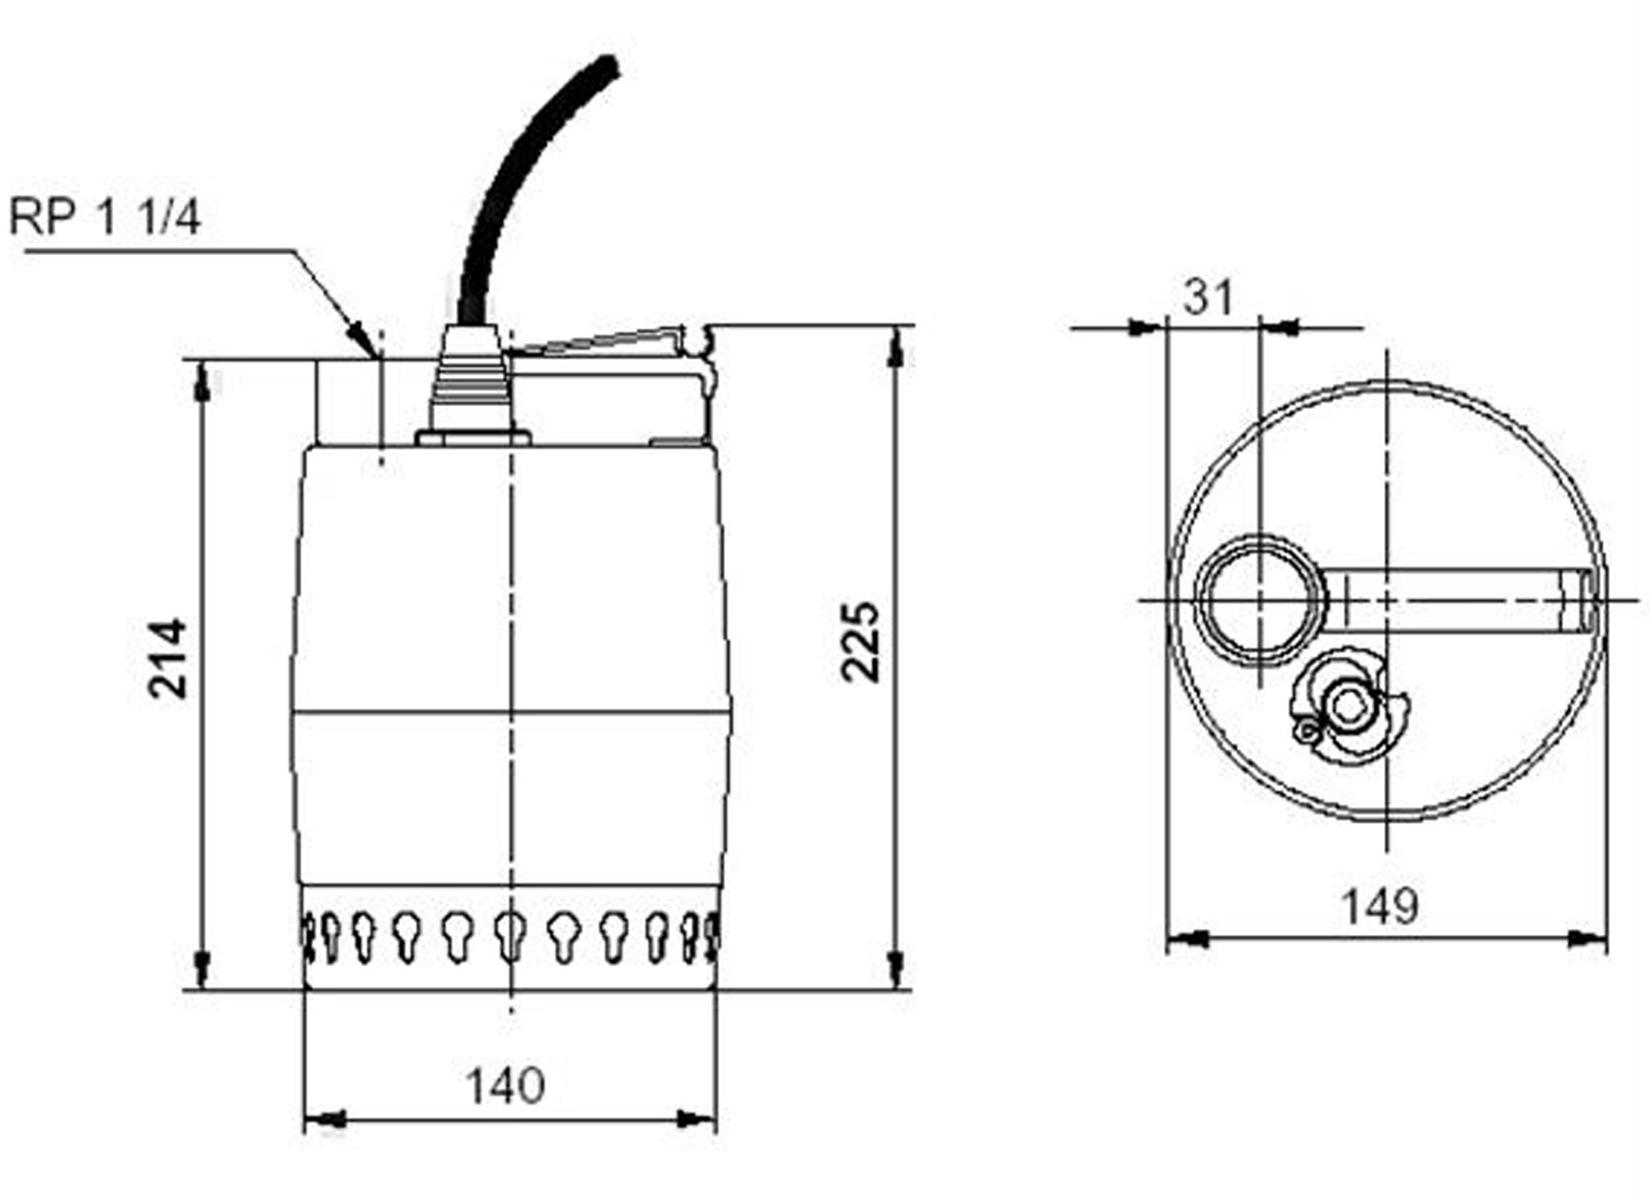 Grundfos Unilift Kp150 M1 Tauchpumpe 230v 10 M Schmutzwasserpumpe Wiring Diagrams Produkt Schmutzwasser